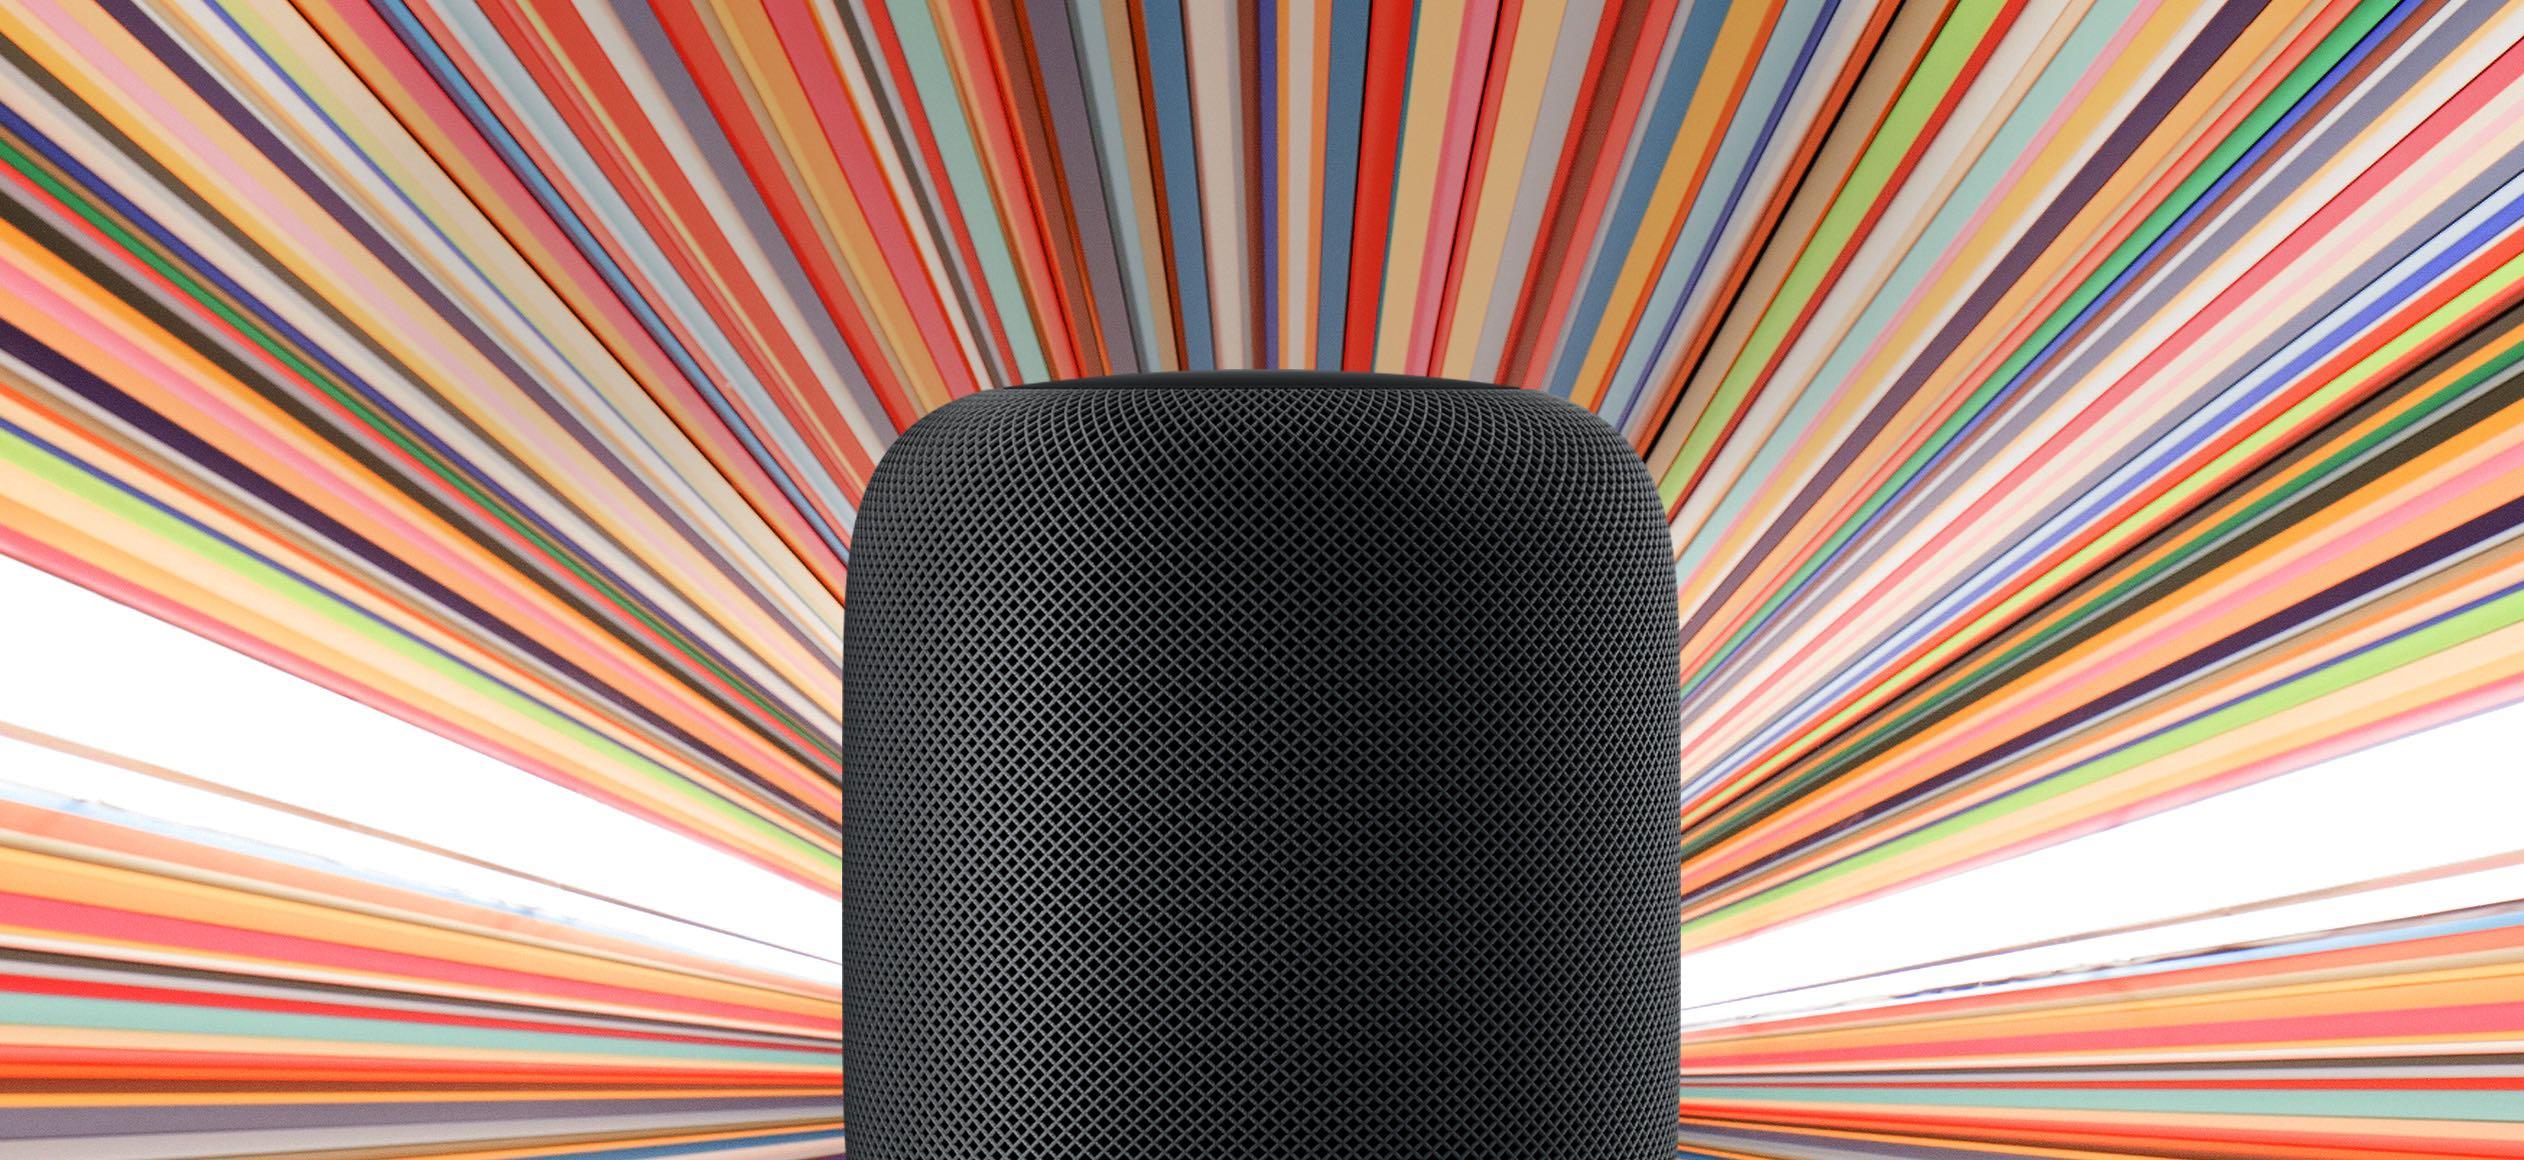 Apple's marketing image promoting the full-size HomePod smart speaker